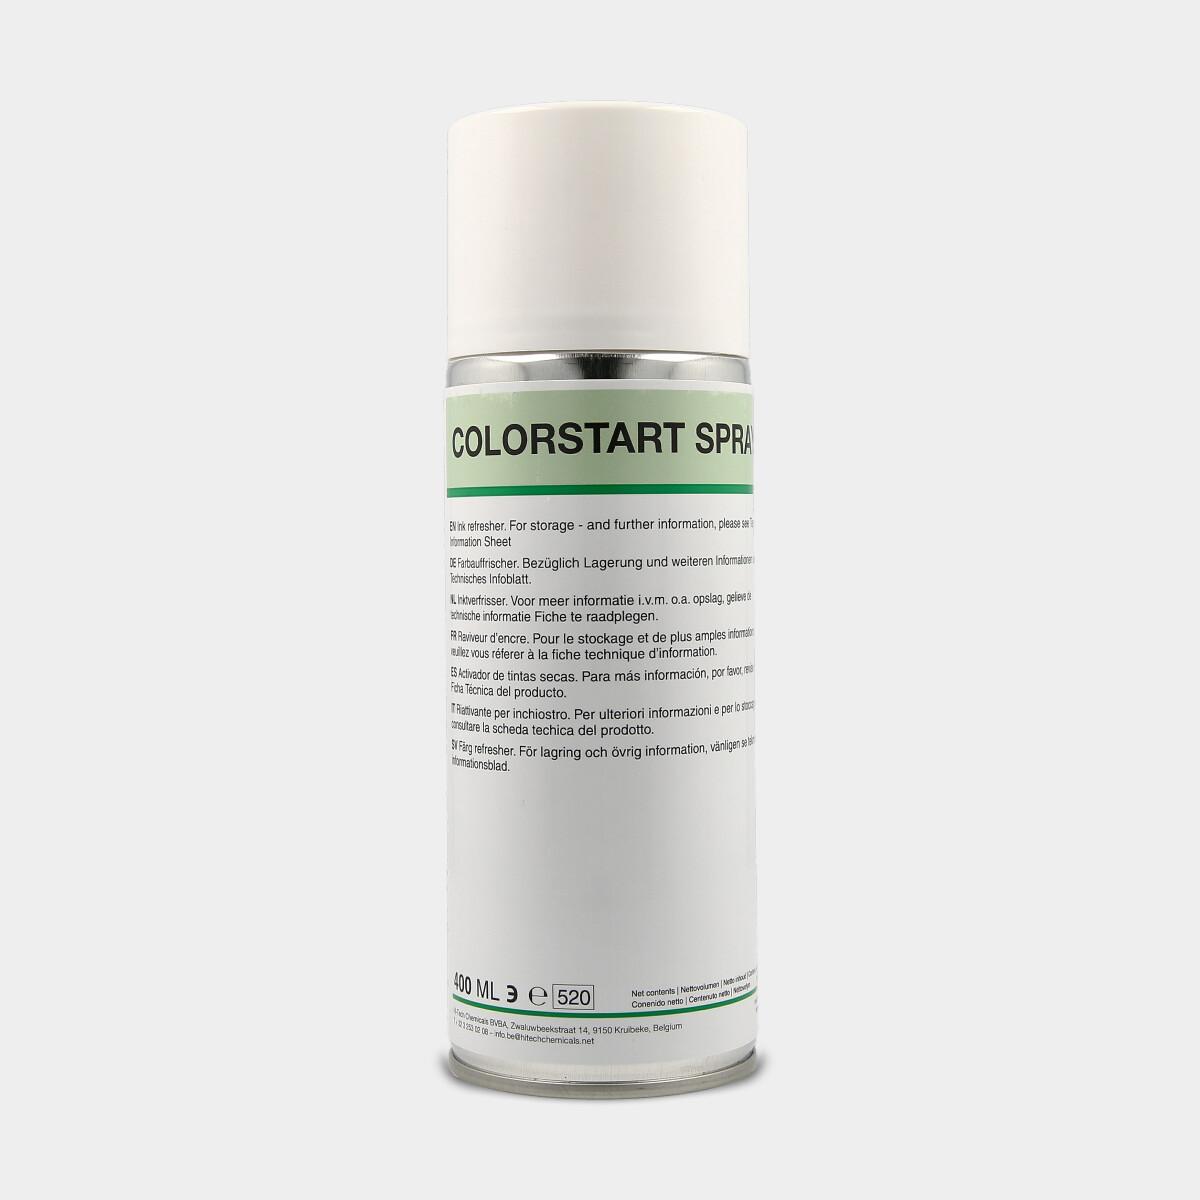 COLORSTART SPREY 400 ml